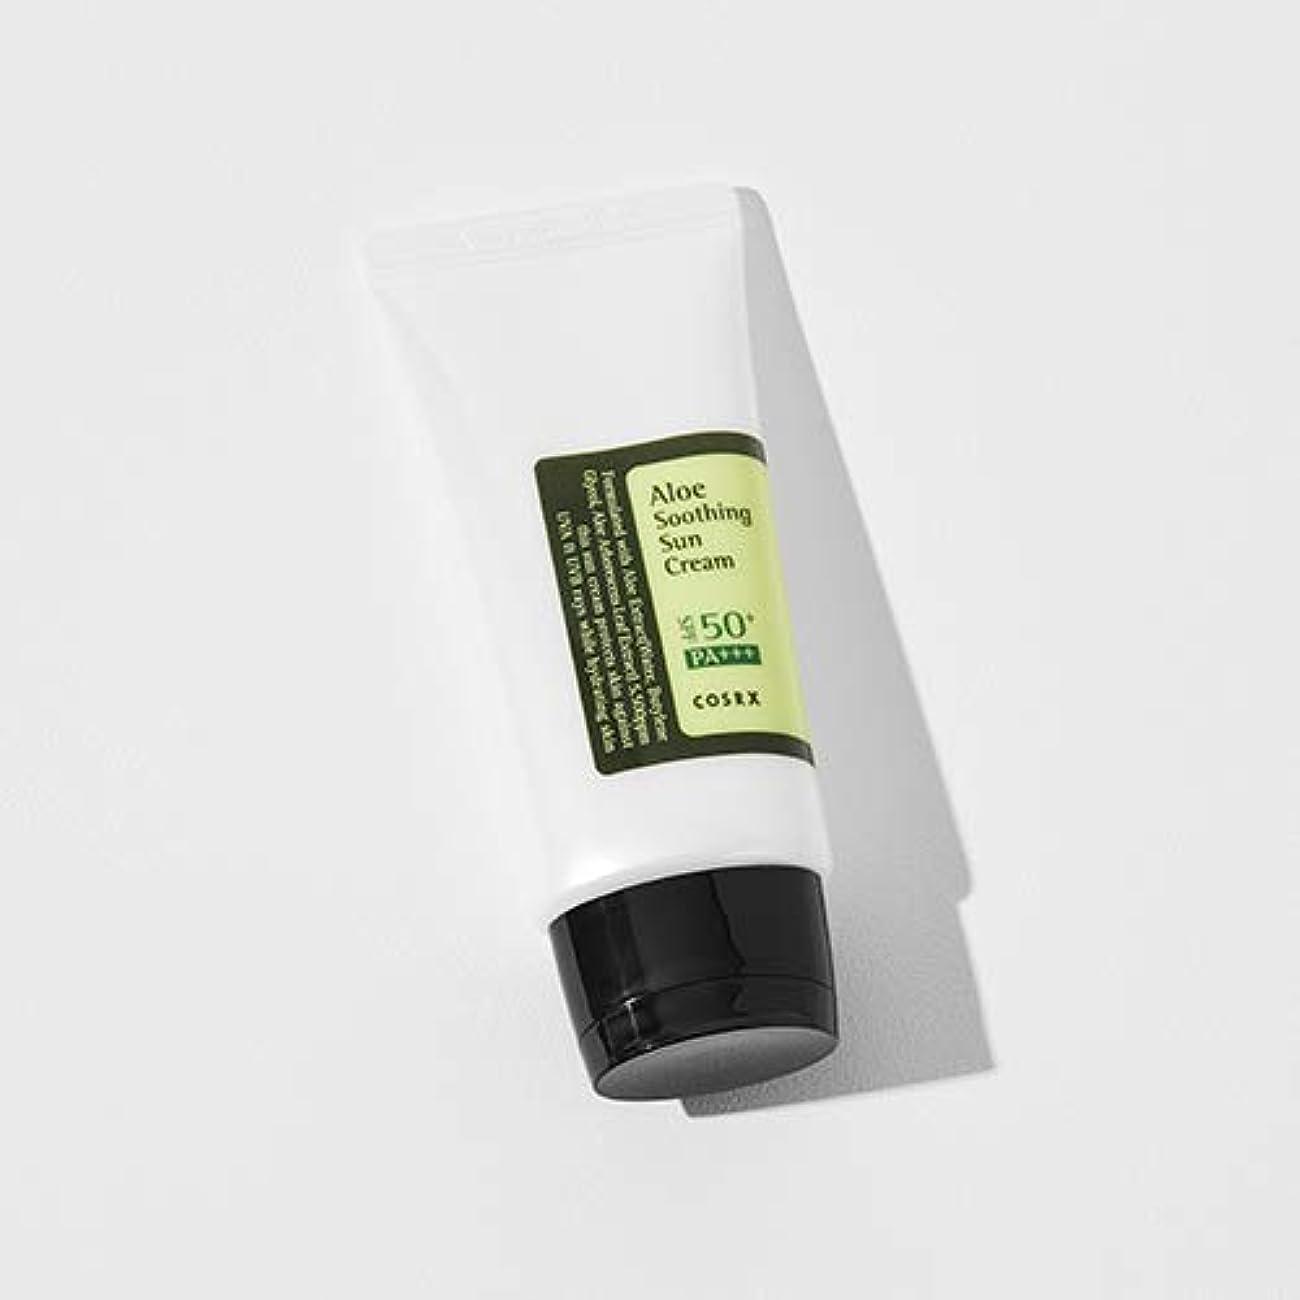 失態加速度市の花[COSRX] Aloe Soothing Sun Cream 50ml / [COSRX] アロエ スーディング サンクリーム 50ml [並行輸入品]